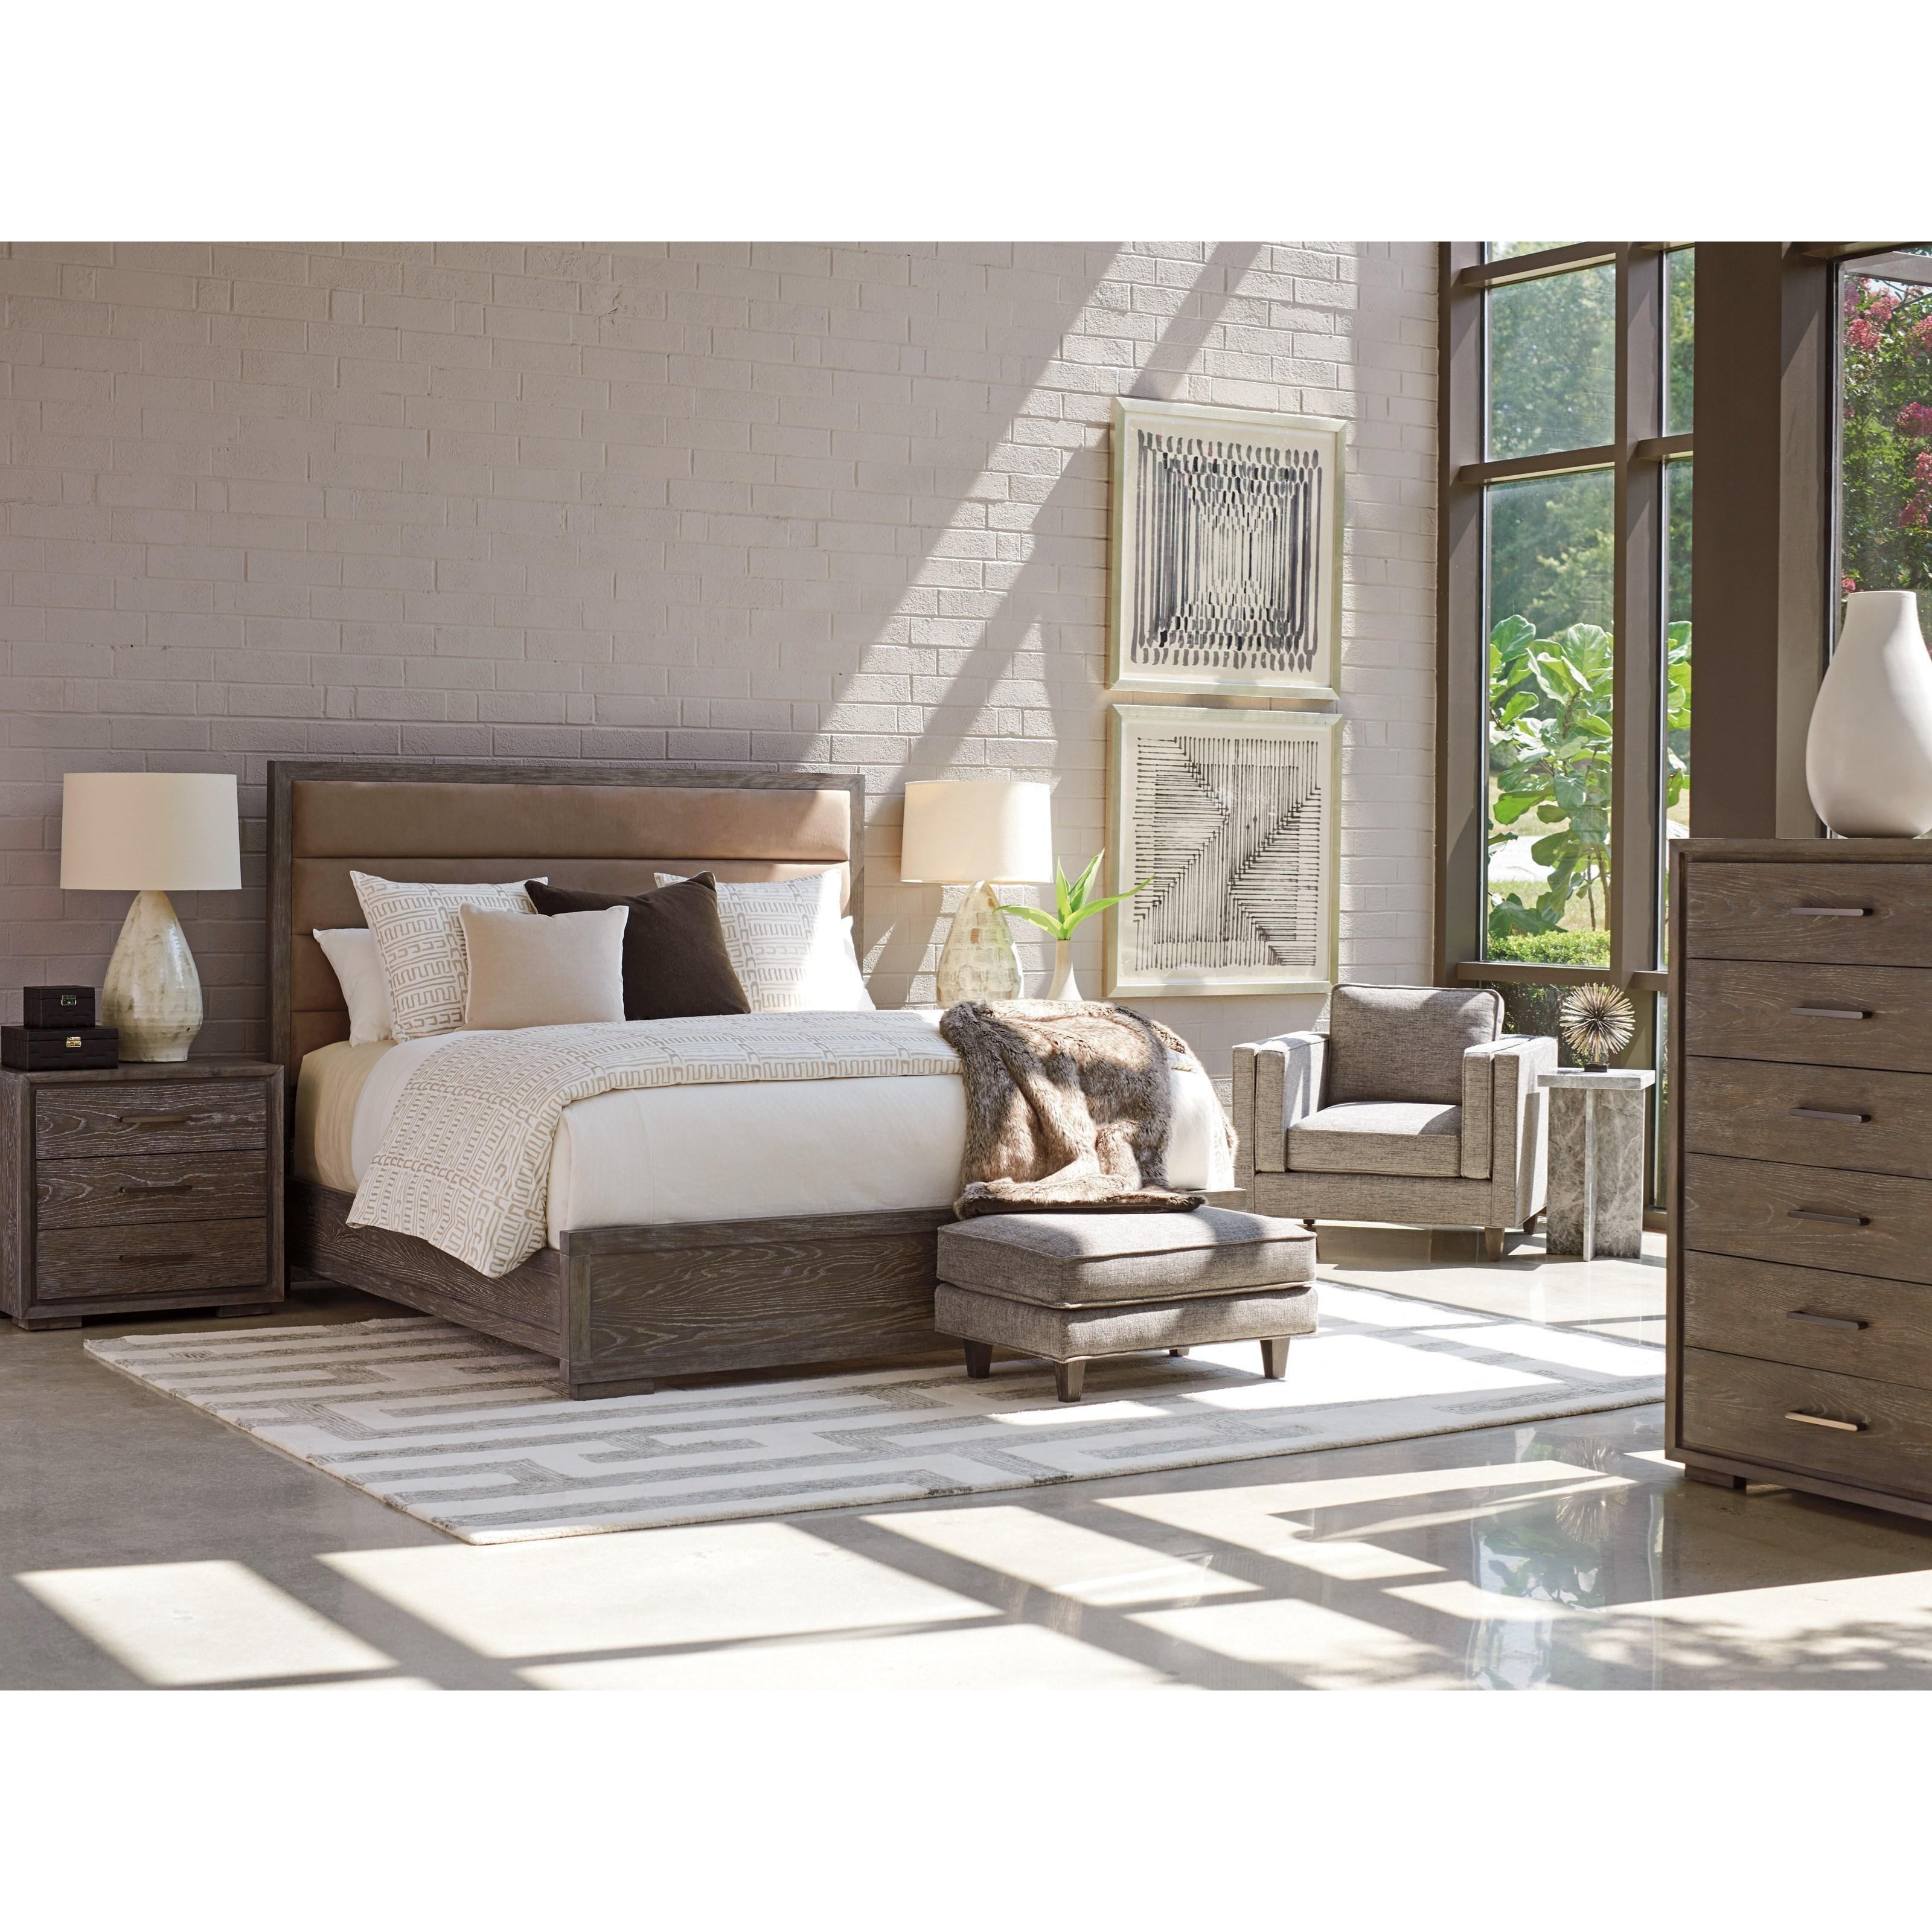 Santana California King Bedroom Group by Lexington at Johnny Janosik